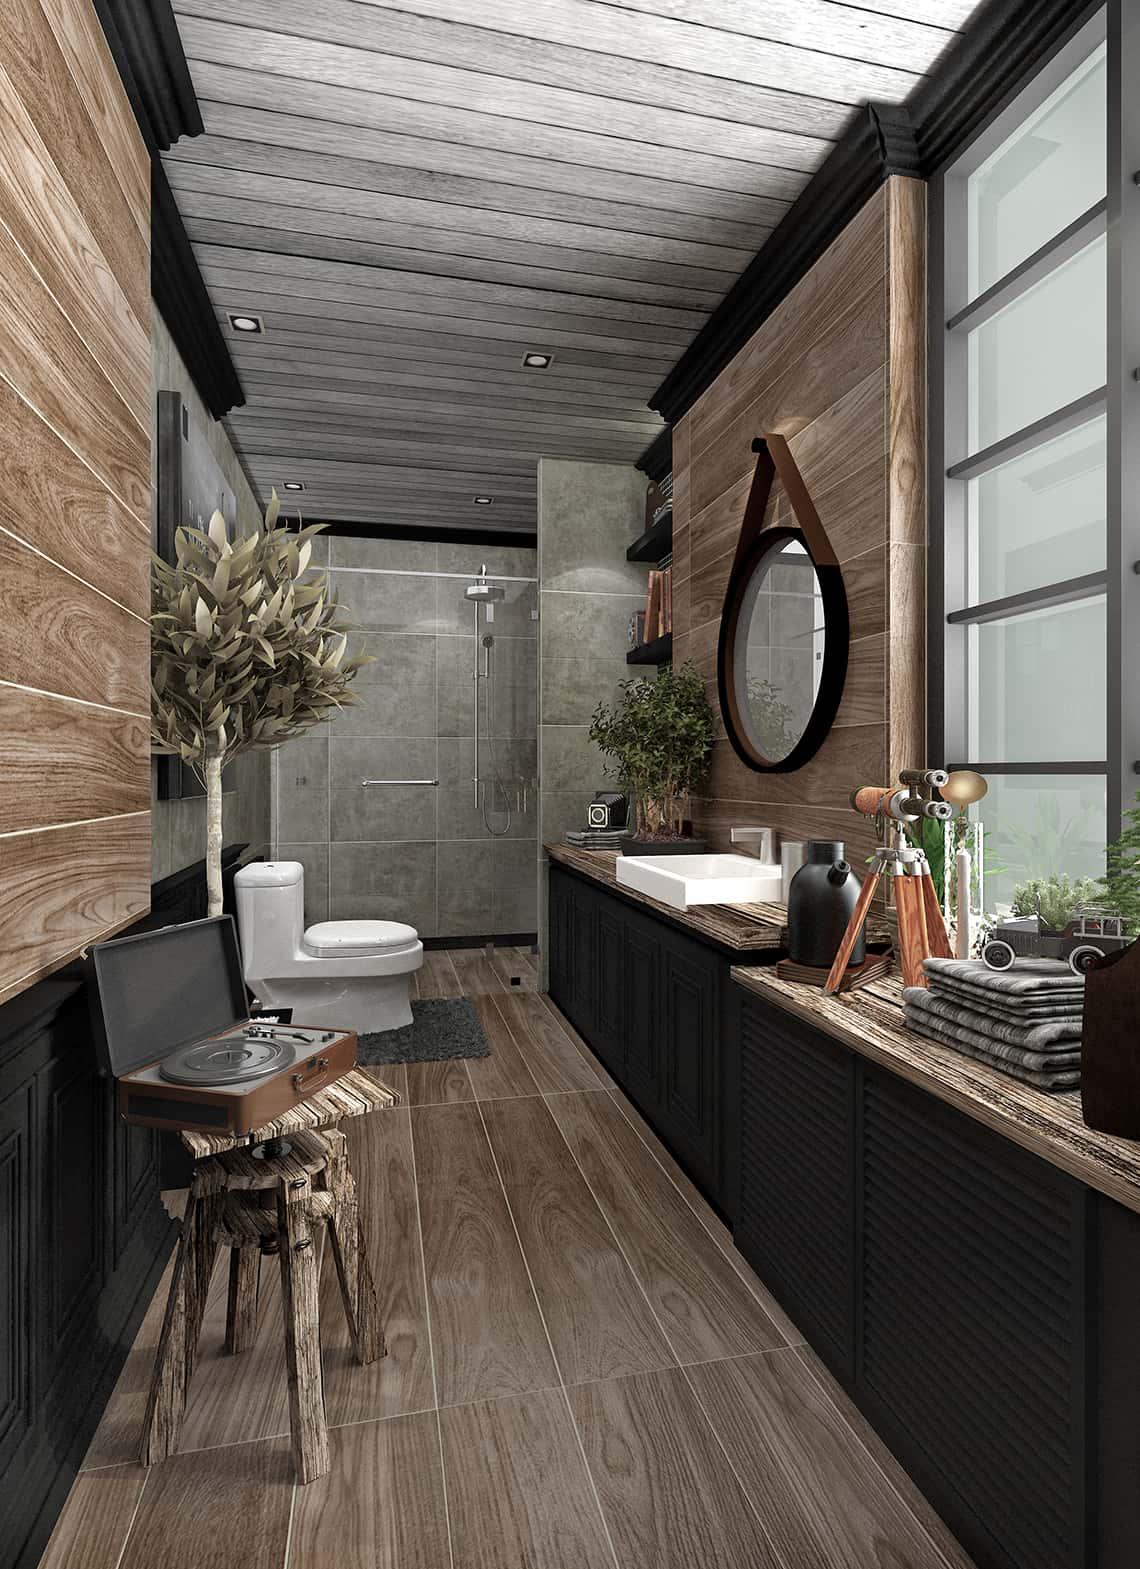 Small bathroom decorate GRANDS